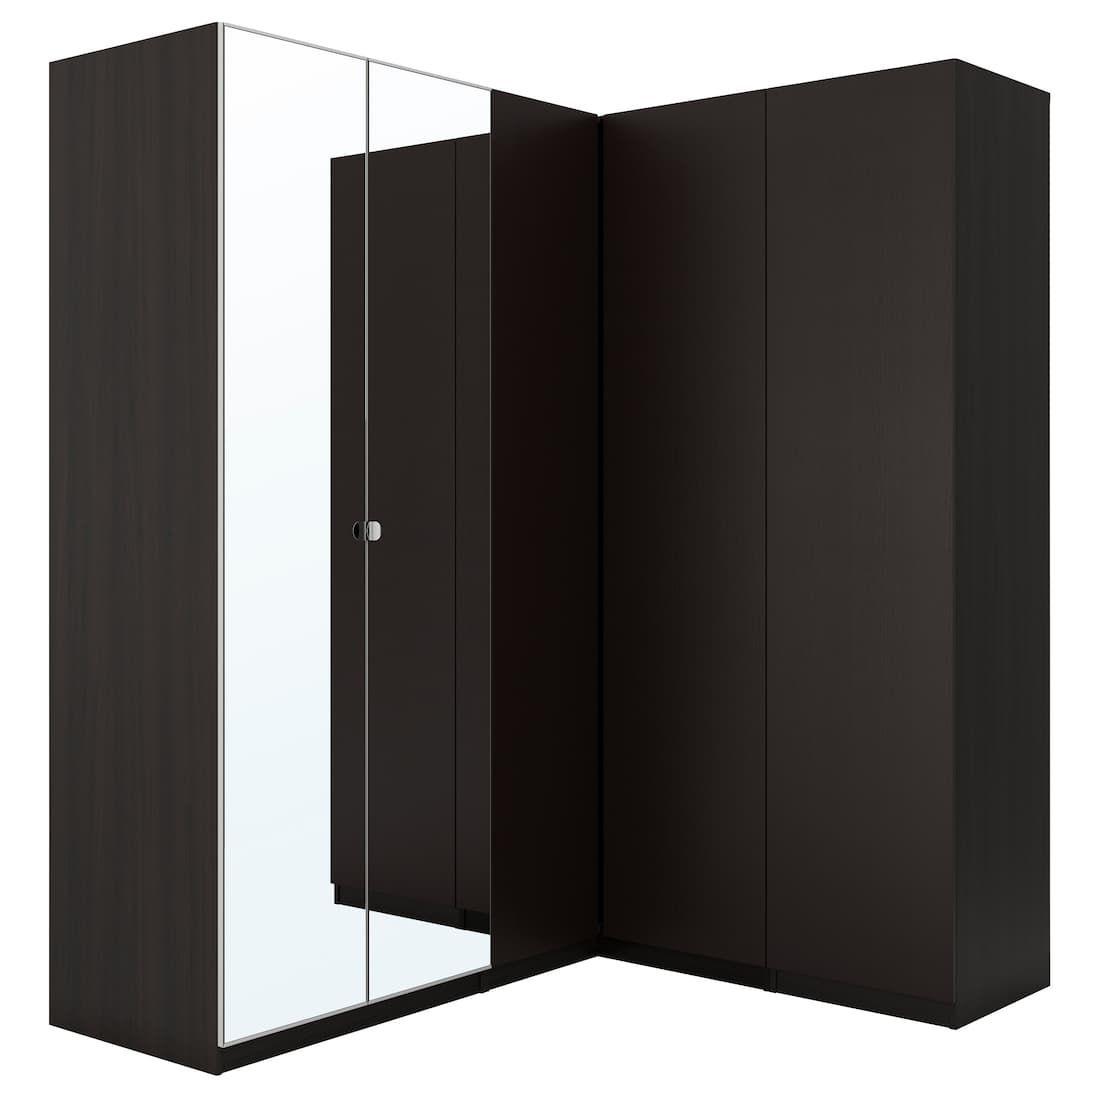 PAX Corner wardrobe blackbrown, Forsand Vikedal 82 3/4